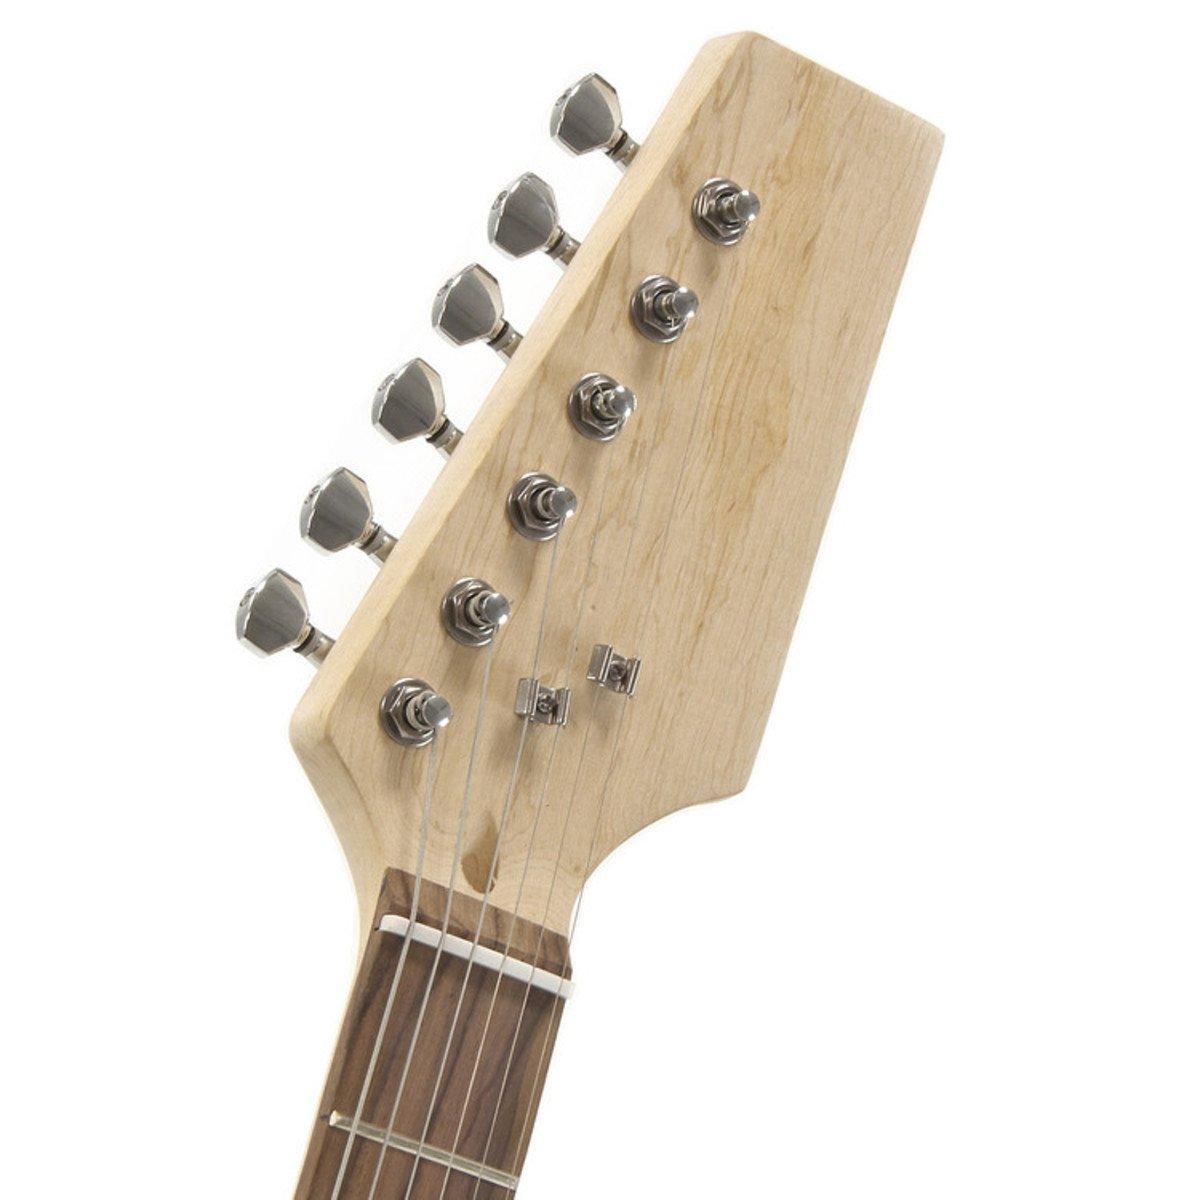 Kit de Bricolaje de Guitarra Eléctrica LA - Cuerpo de Fresno: Amazon.es: Instrumentos musicales